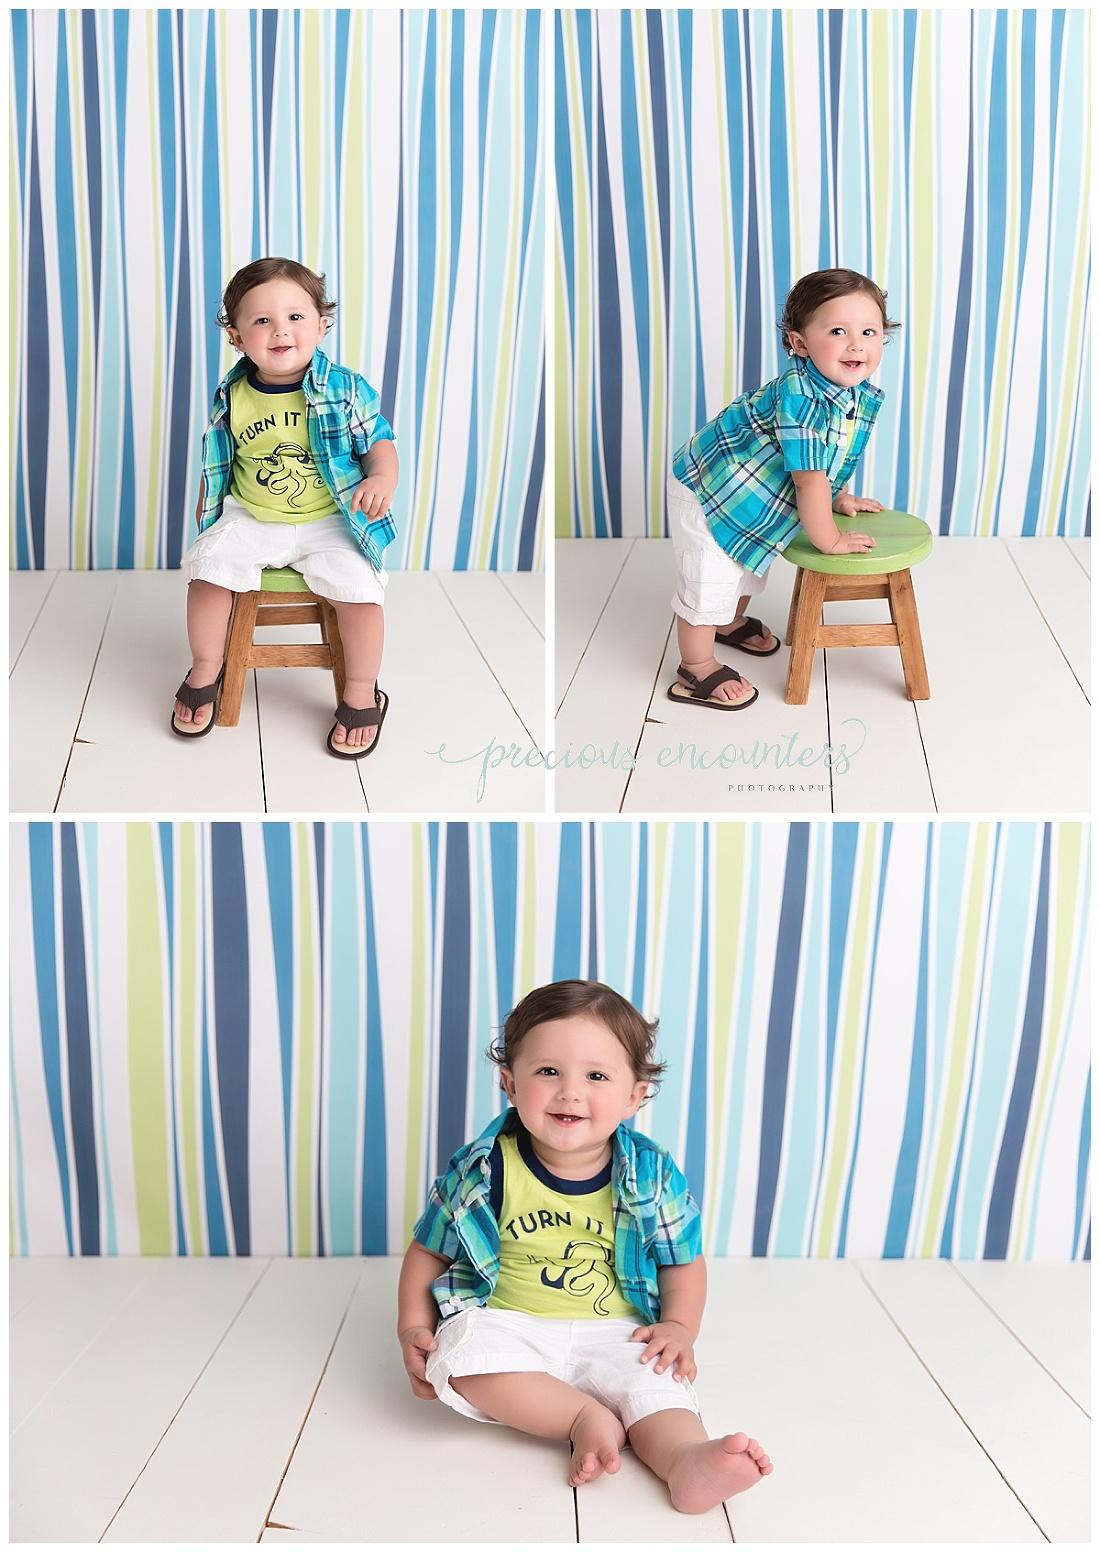 green, blue, yellow, boy, stripped, backdrop